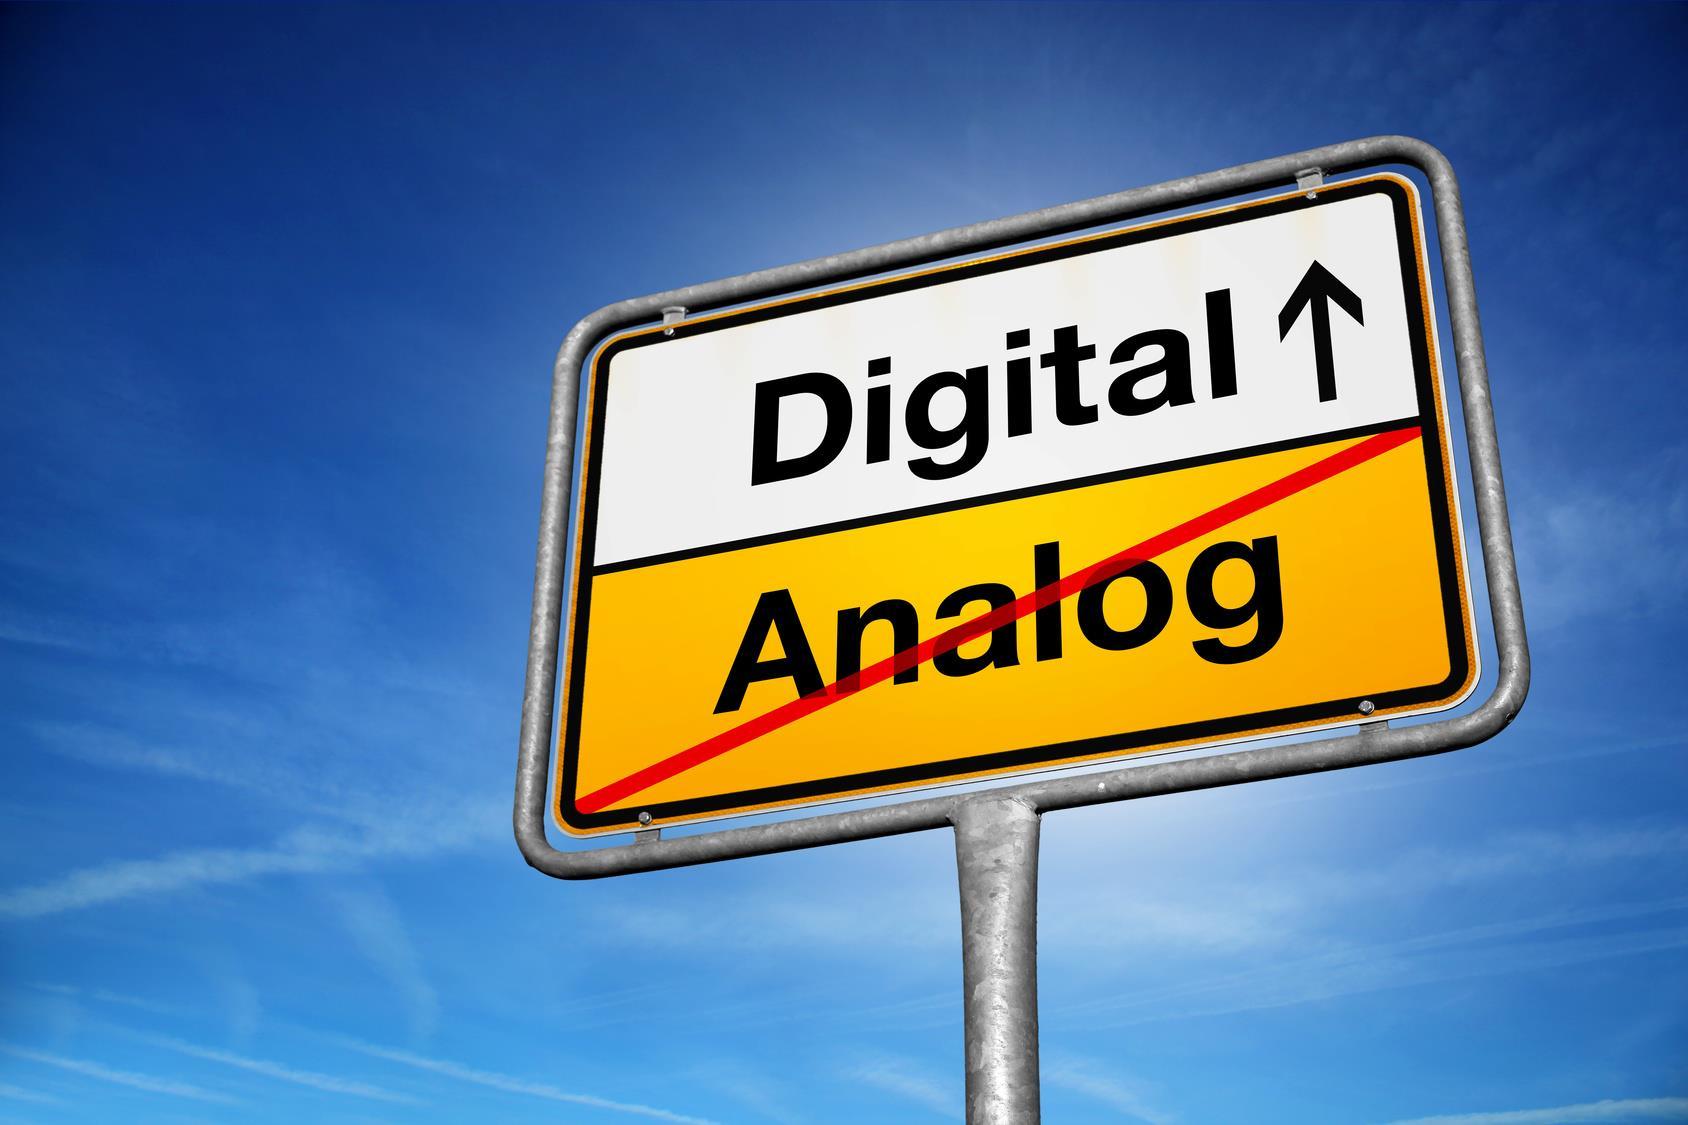 """Digitalisierung gestalten - Einladung zum Workshop-Forum """"Arbeit 4.0"""" am Samstag, 17. November, von 10 bis 15 Uhr im Max-Born-Berufskolleg"""